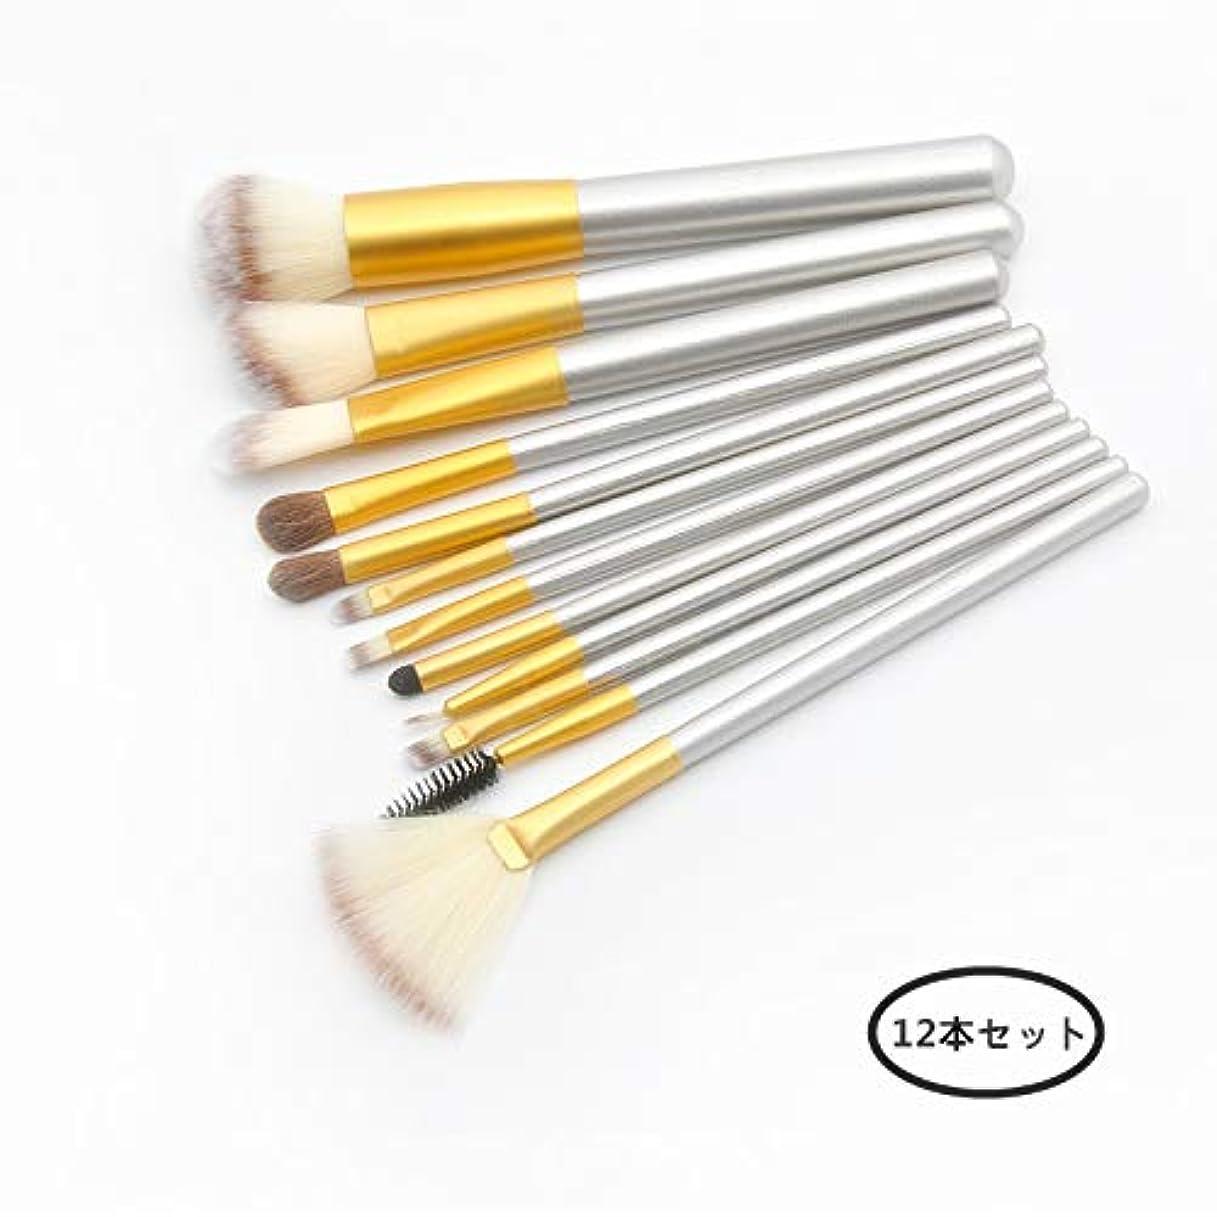 NexGadget メイクブラシ 化粧ブラシ 化粧筆 コスメブラシ 13本セット 12本セット 多機能メイクブラシケース付き 高級繊維毛 毛質ふわふわ ギフト プレゼント 贈り物 ブラック (クリーム)